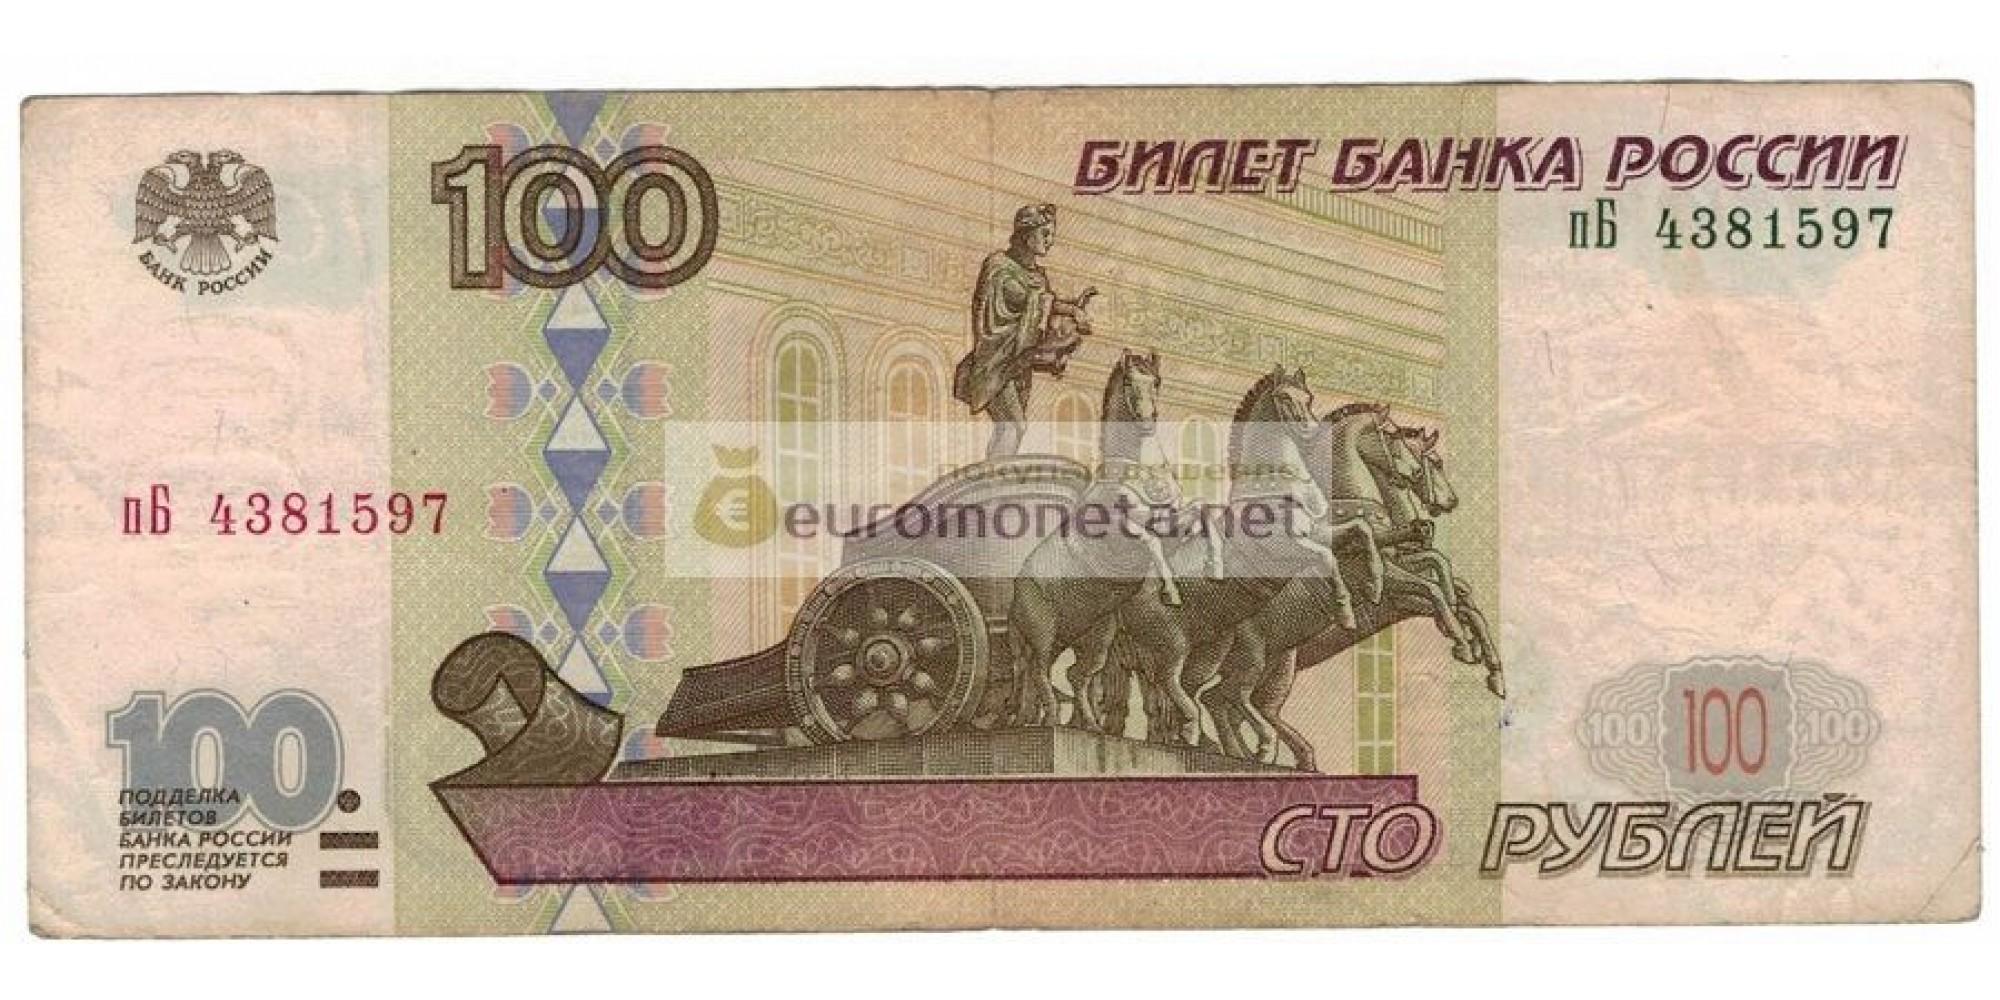 Россия 100 рублей 1997 год модификация 2001 год серия пБ 4381597